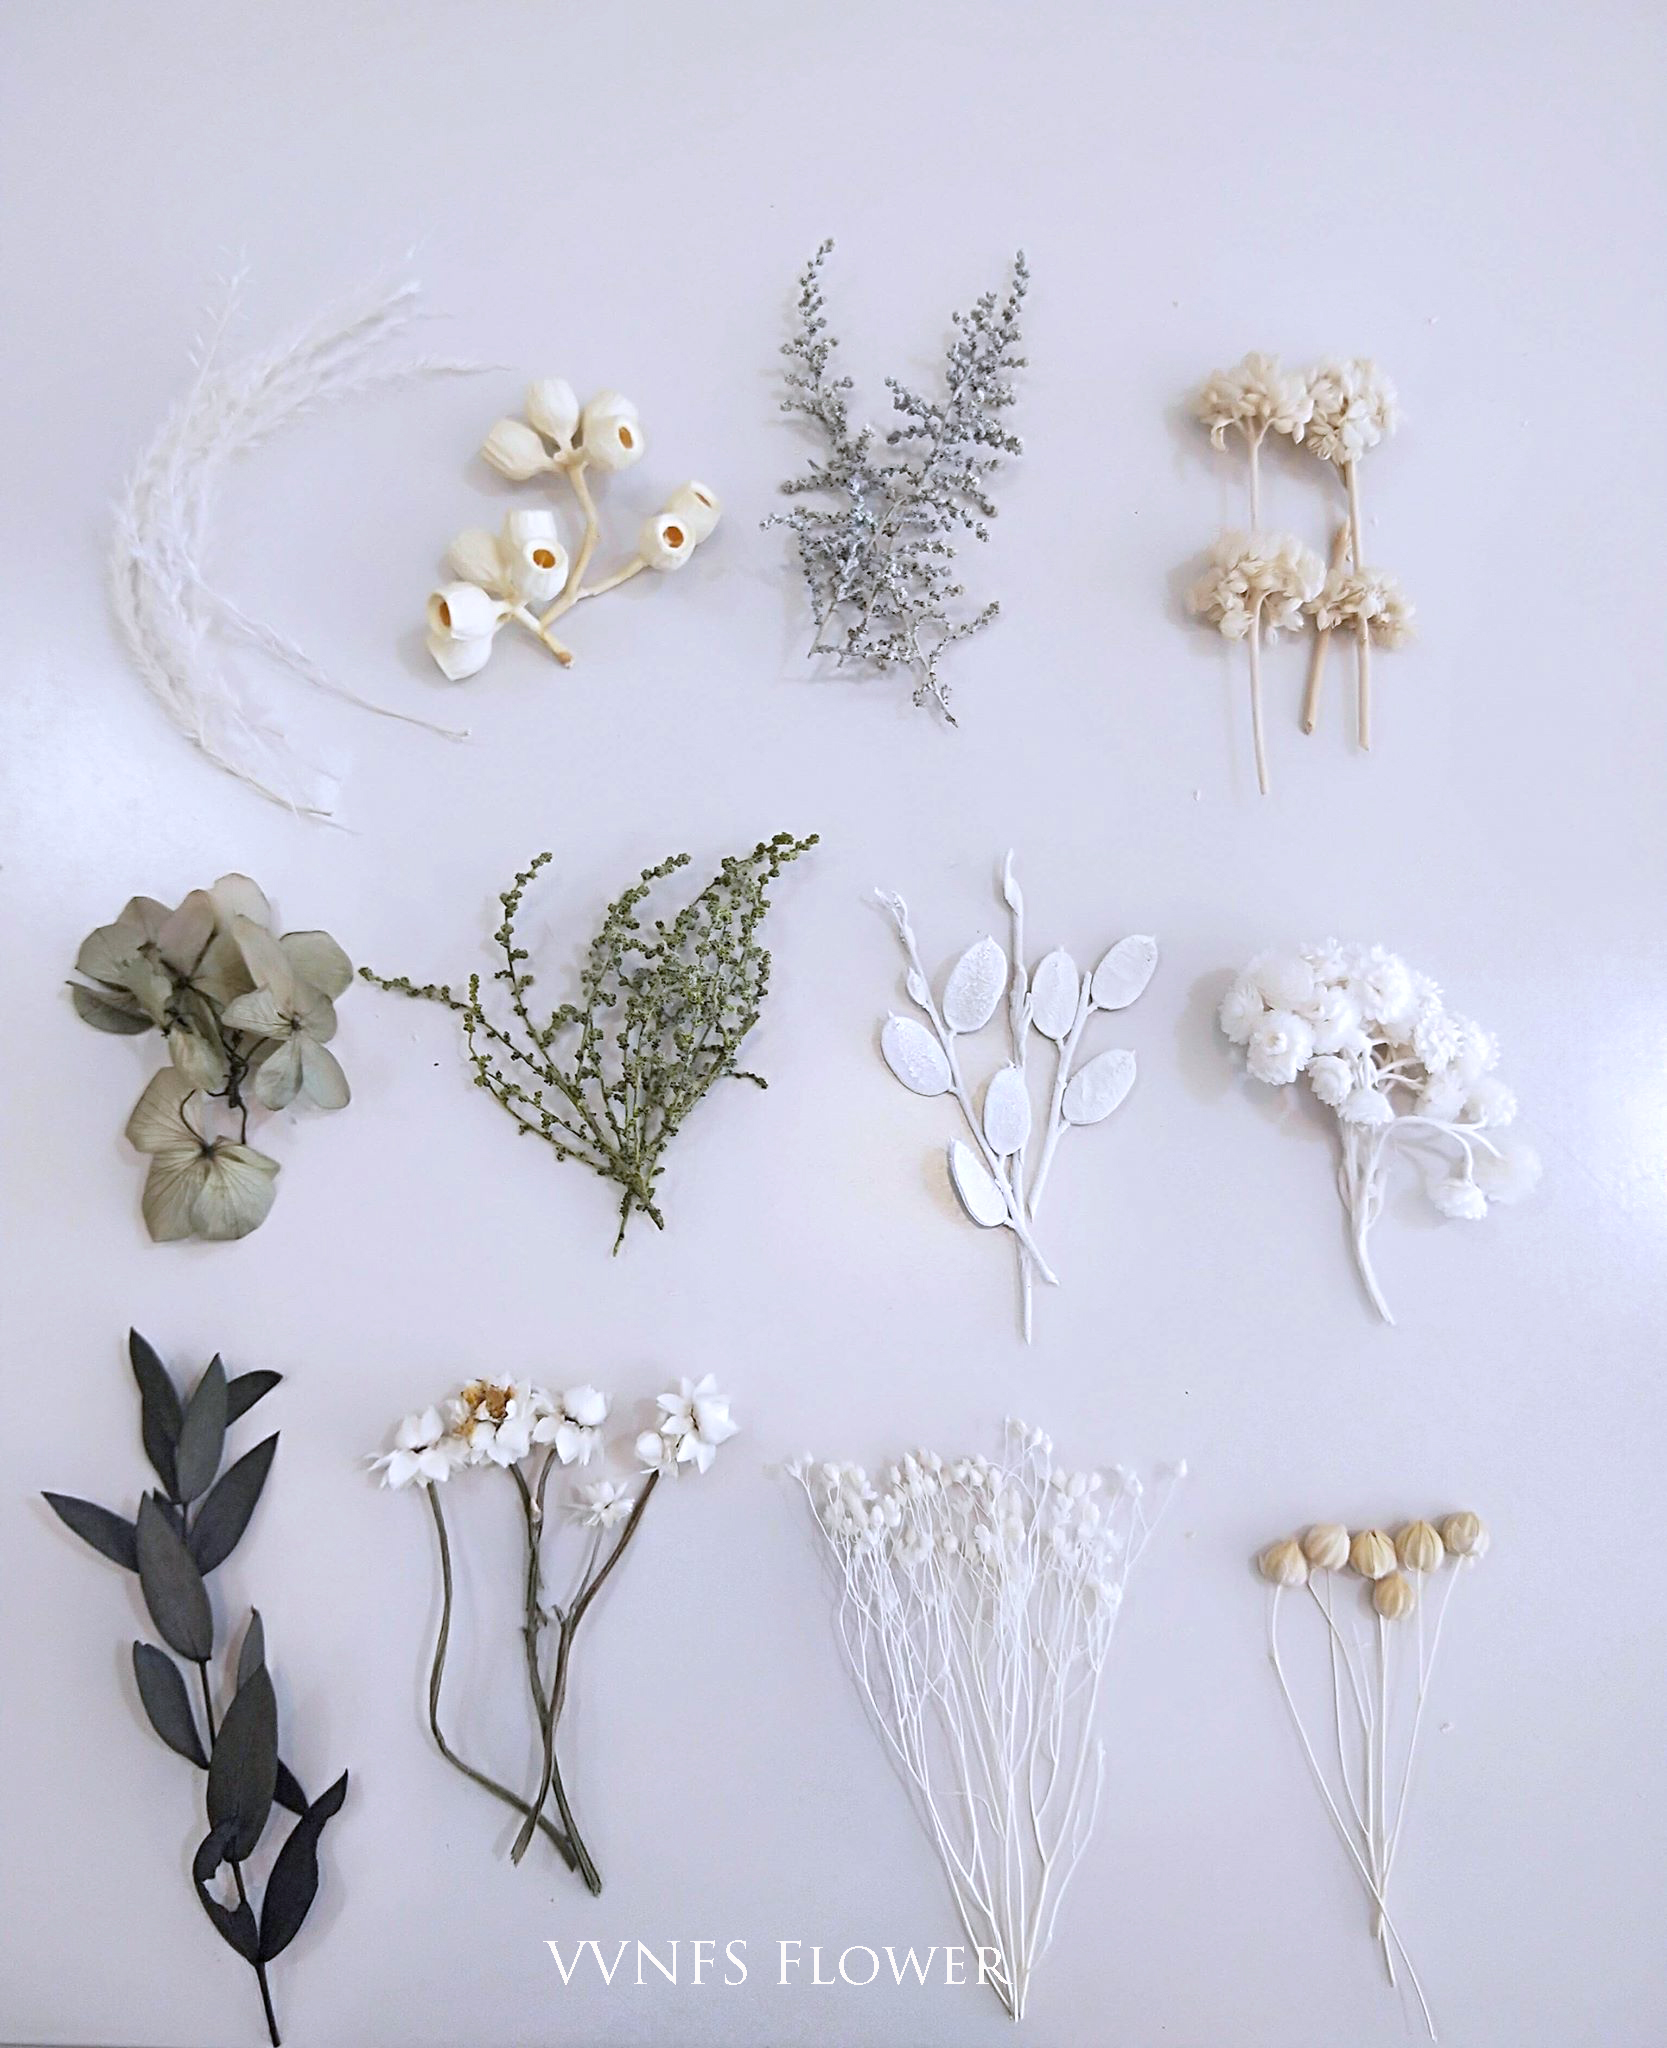 VVNFS Flower 4